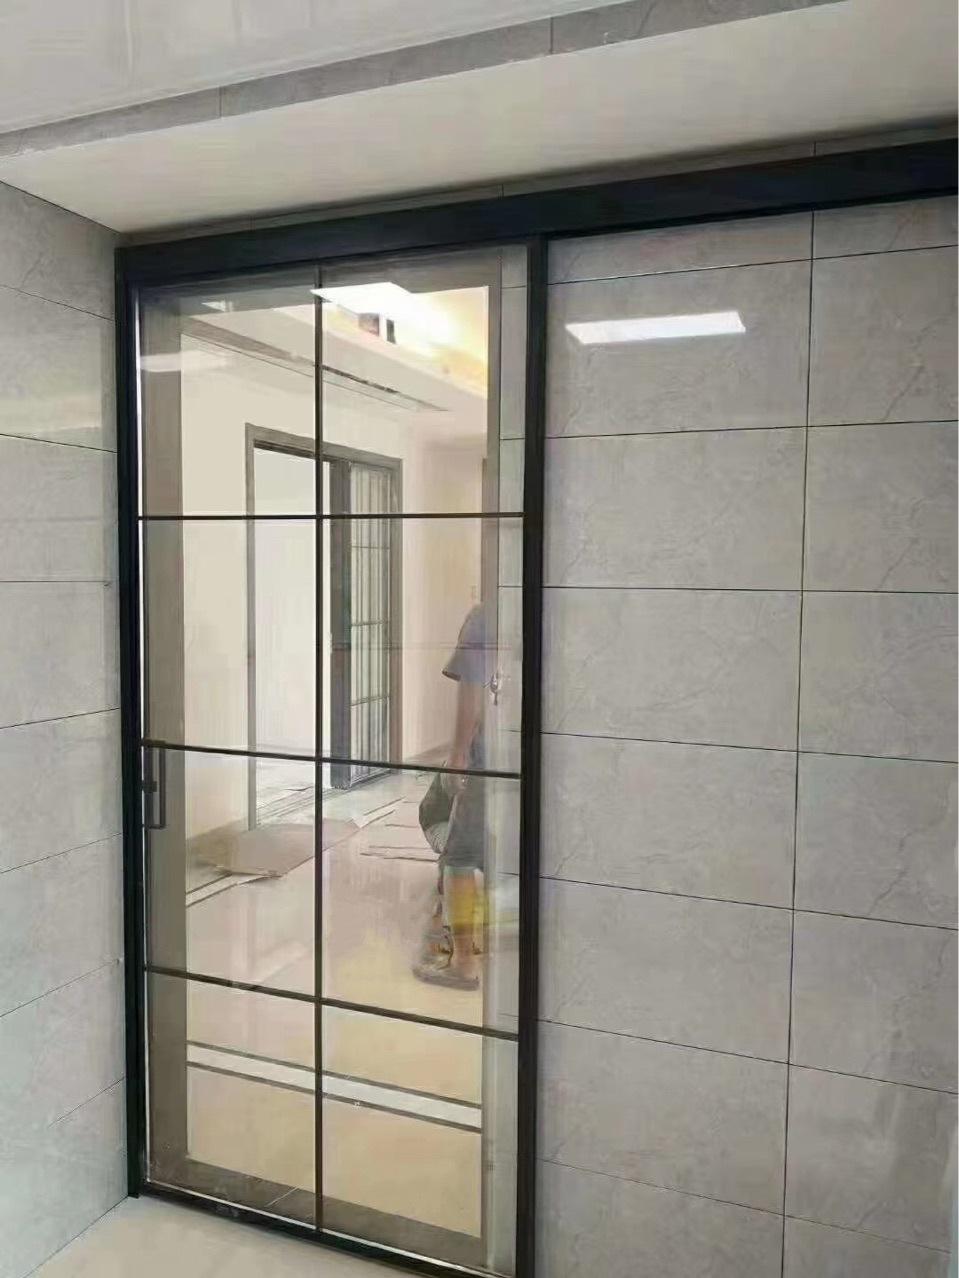 定制极窄边推拉门,厨房隔断简约推拉玻璃门,隔音客厅铝合金移门